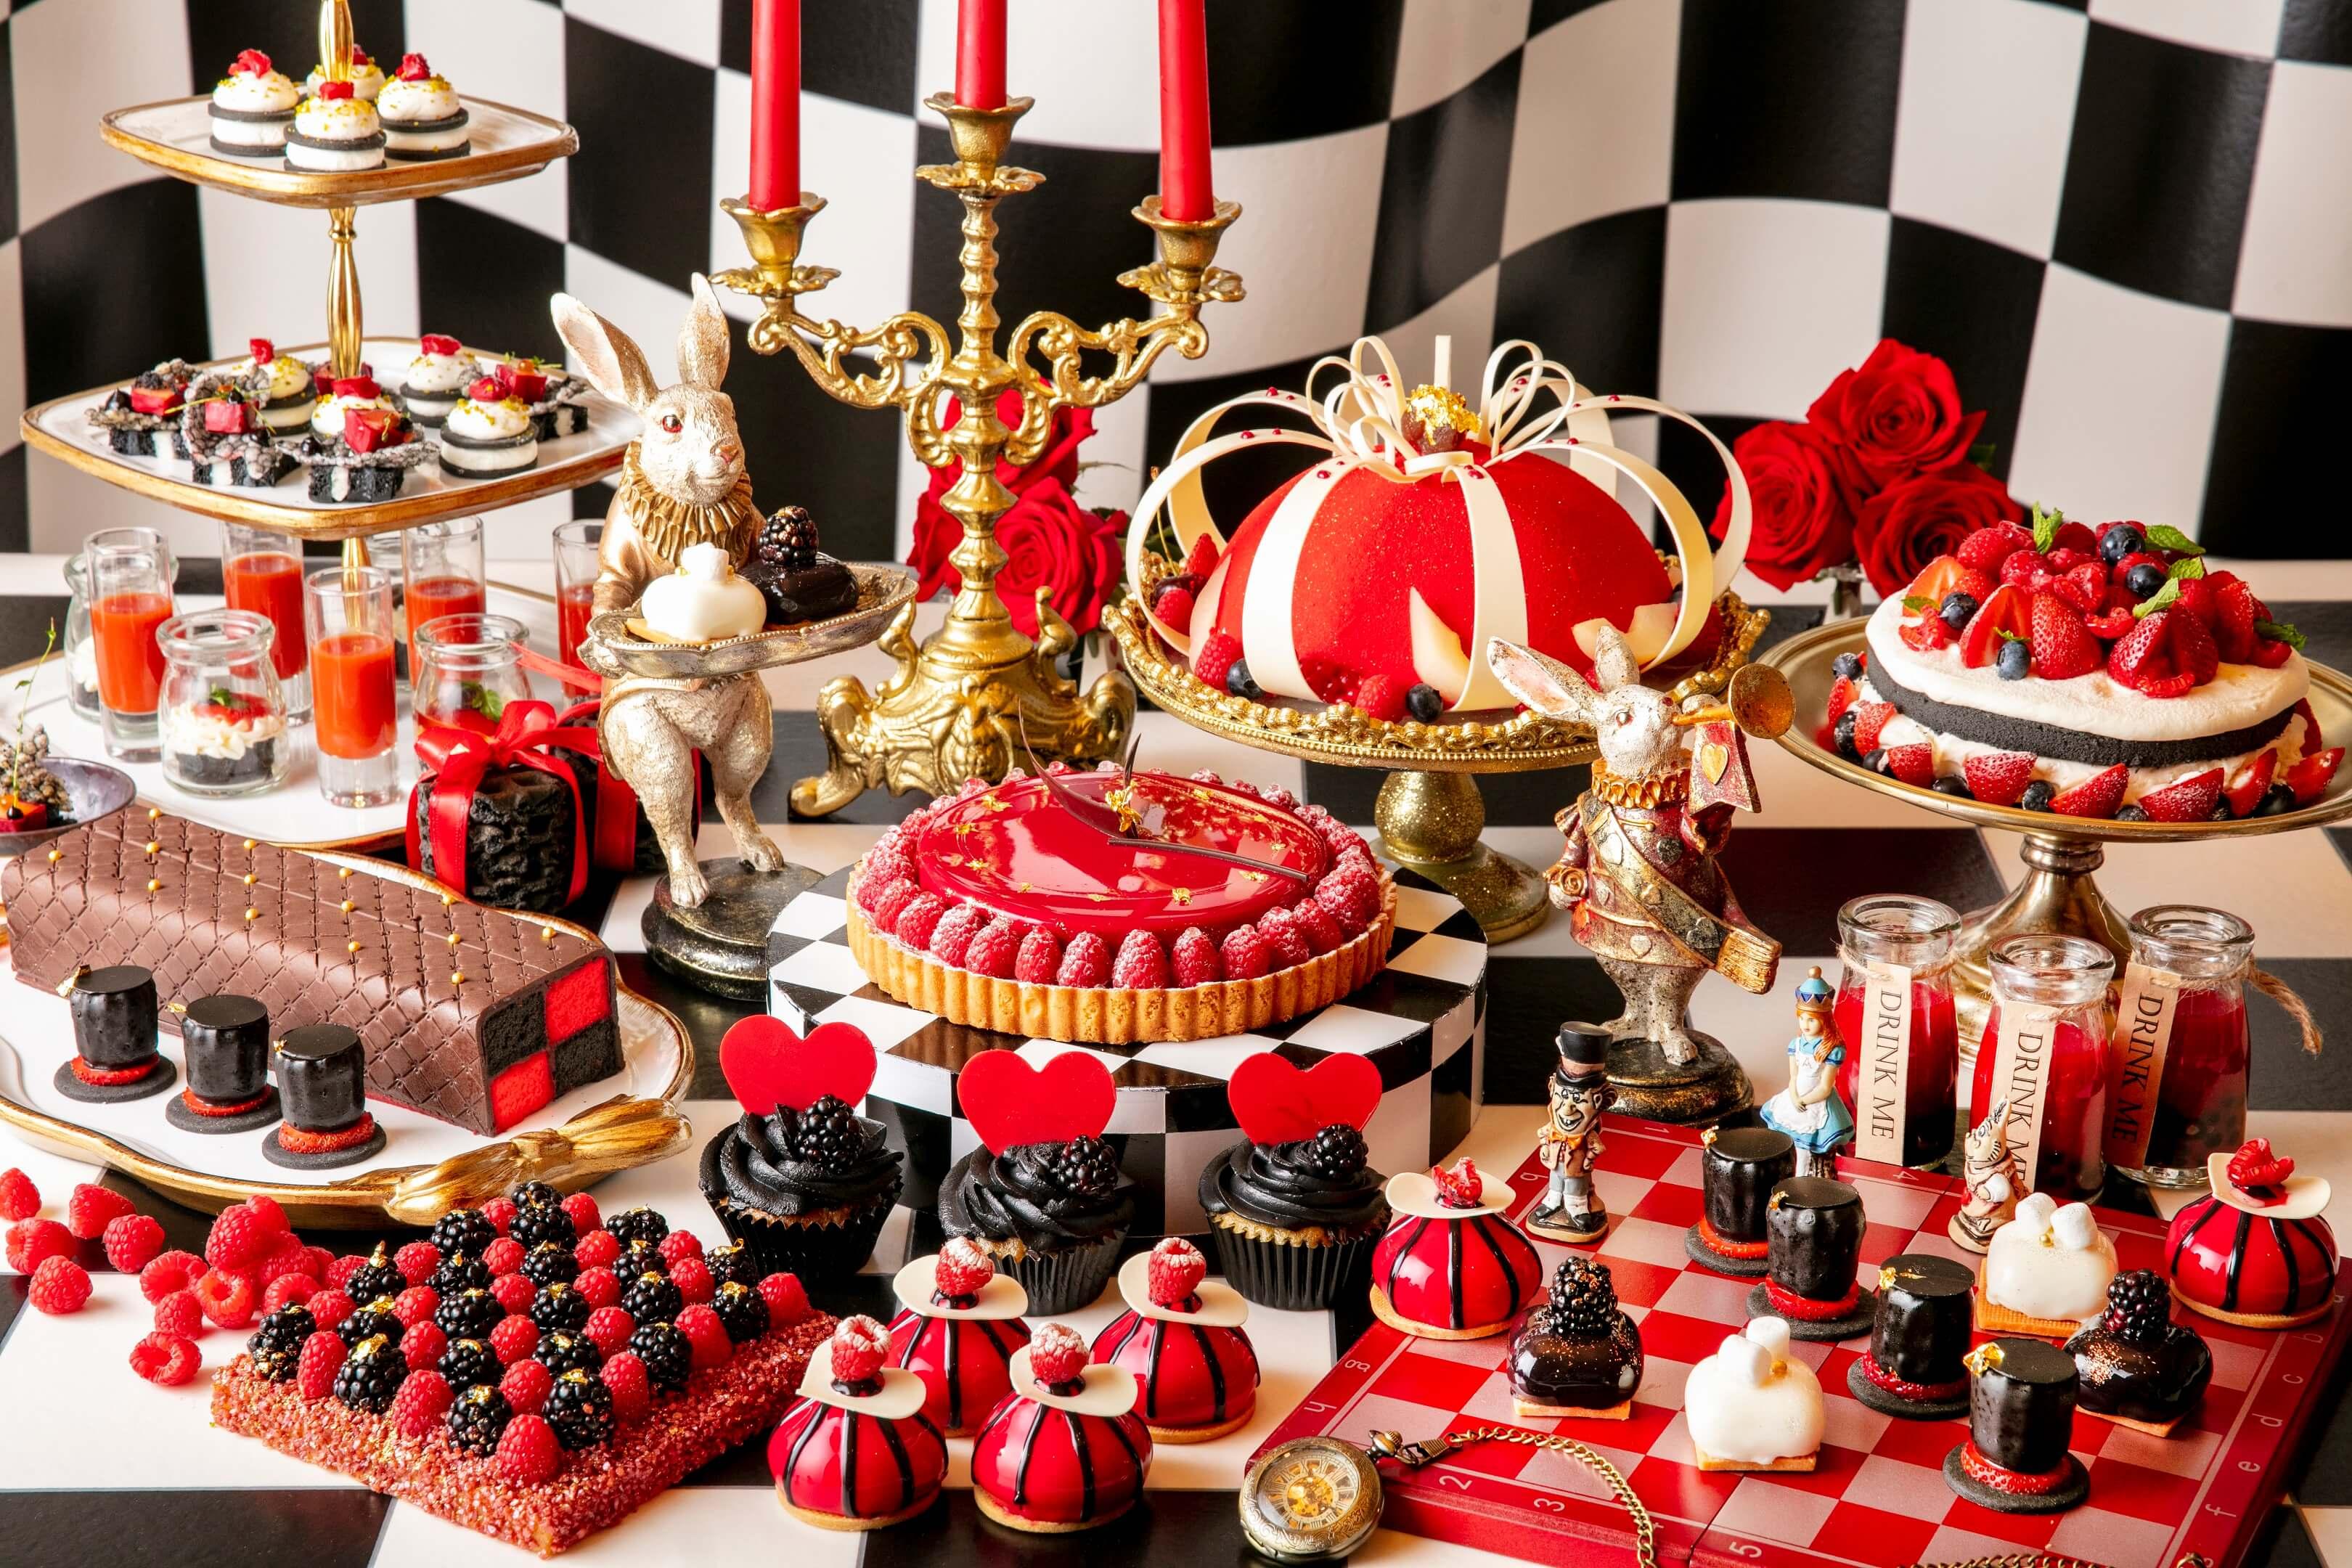 實際體驗型甜點Buffet「Alice in Halloween Trick」將於東京希爾頓酒店舉辦 萬聖節、